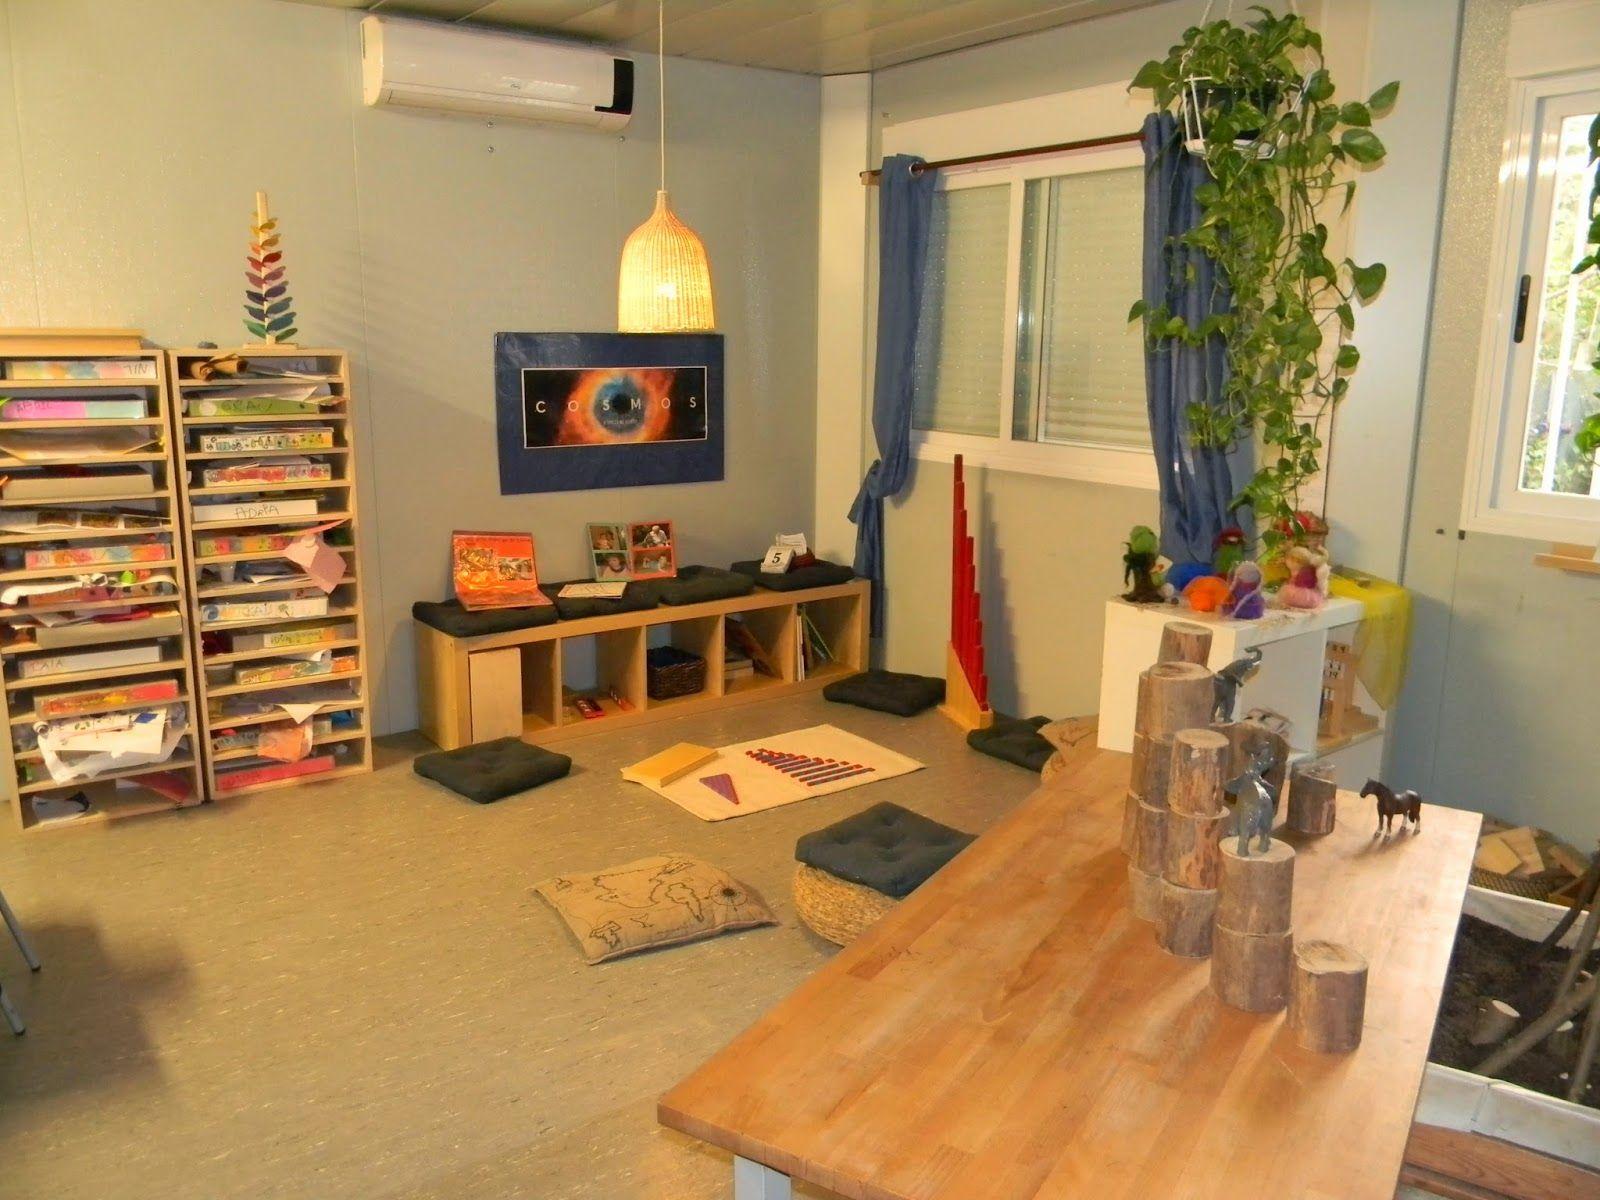 Escola congr s indians escuela infantil educaci n - Escuela decoracion de interiores ...